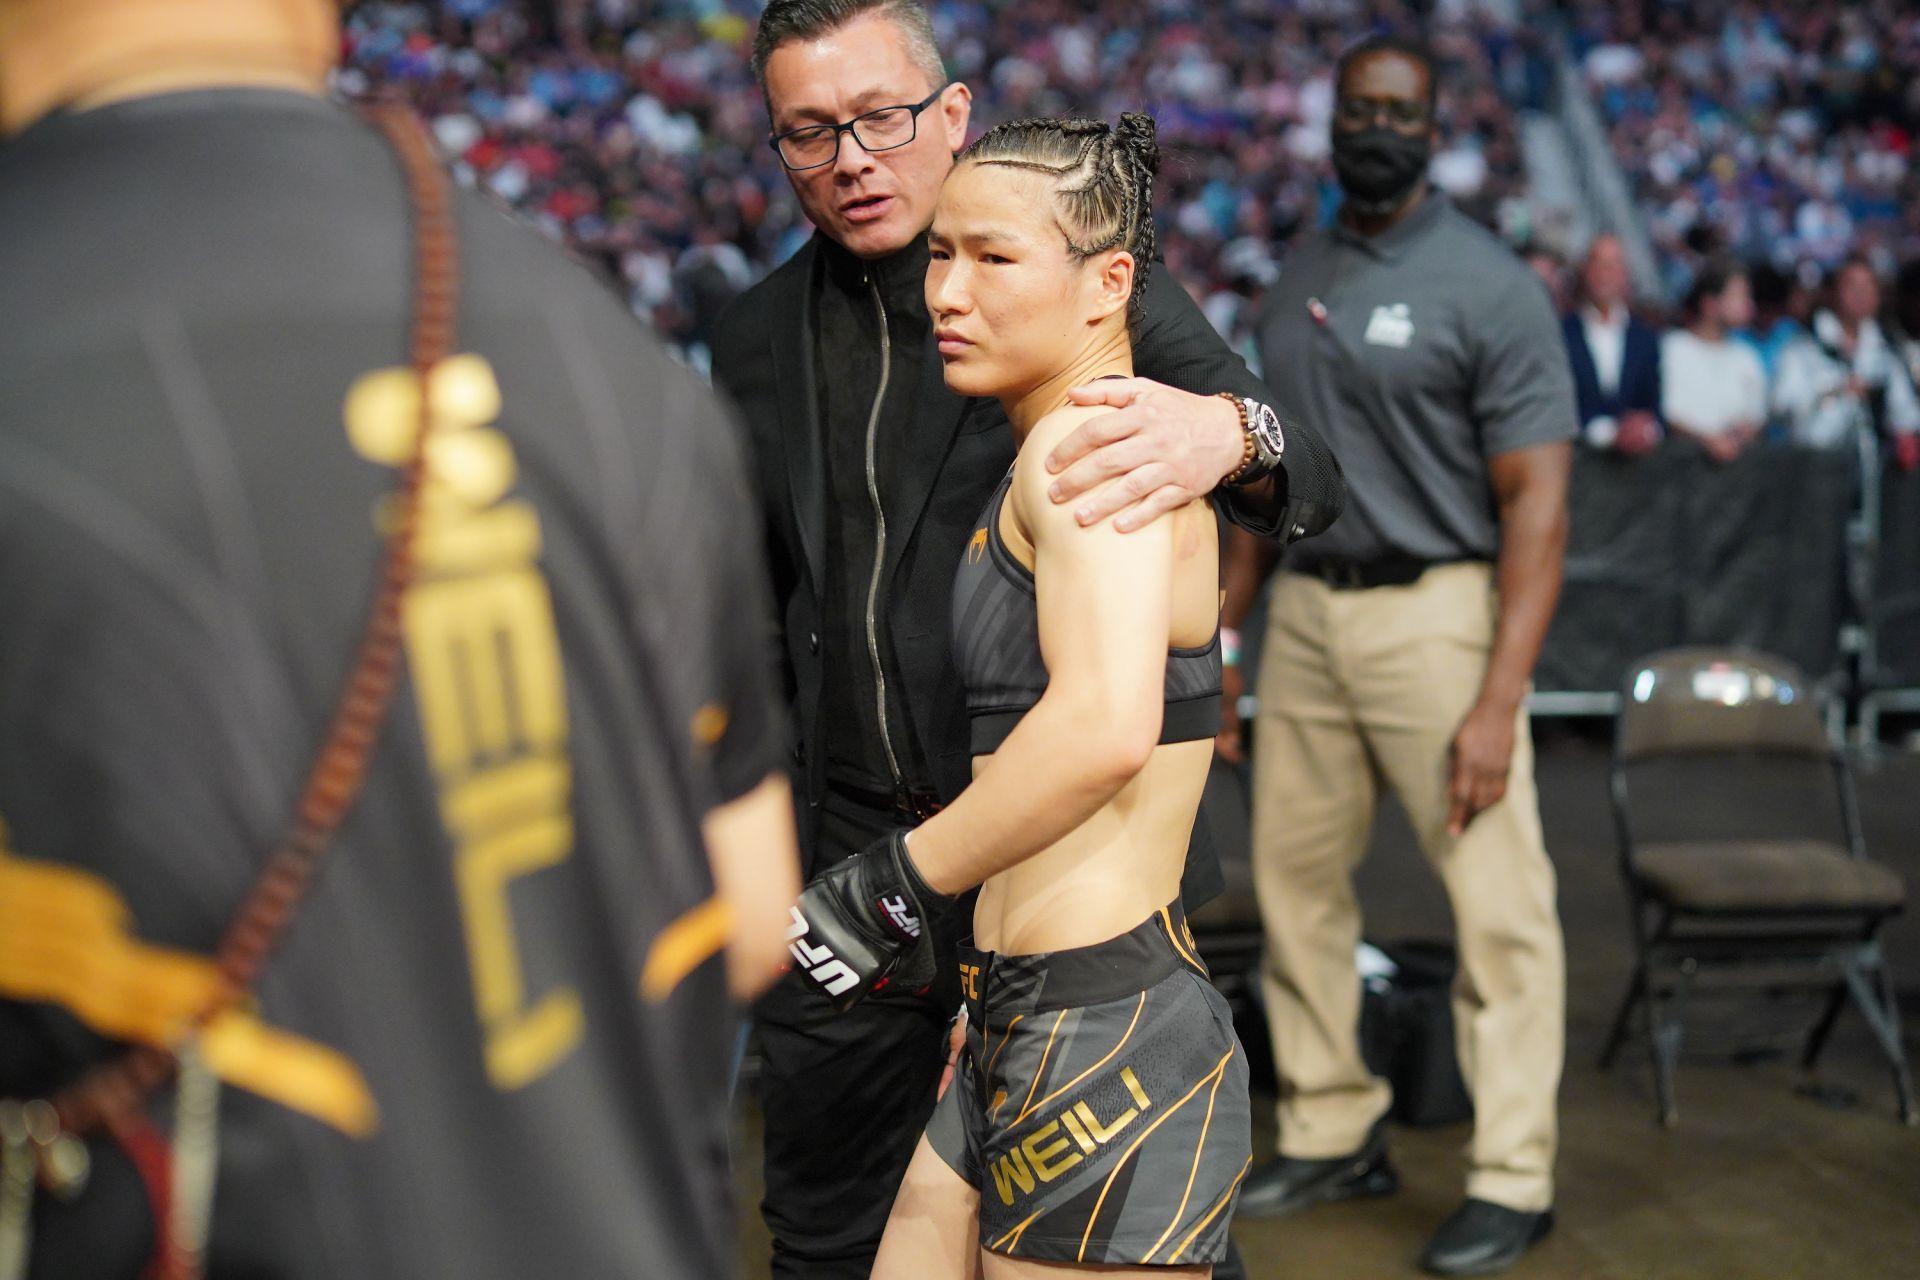 11月7日,张伟丽UFC再战罗斯!削发明志的她期待复仇